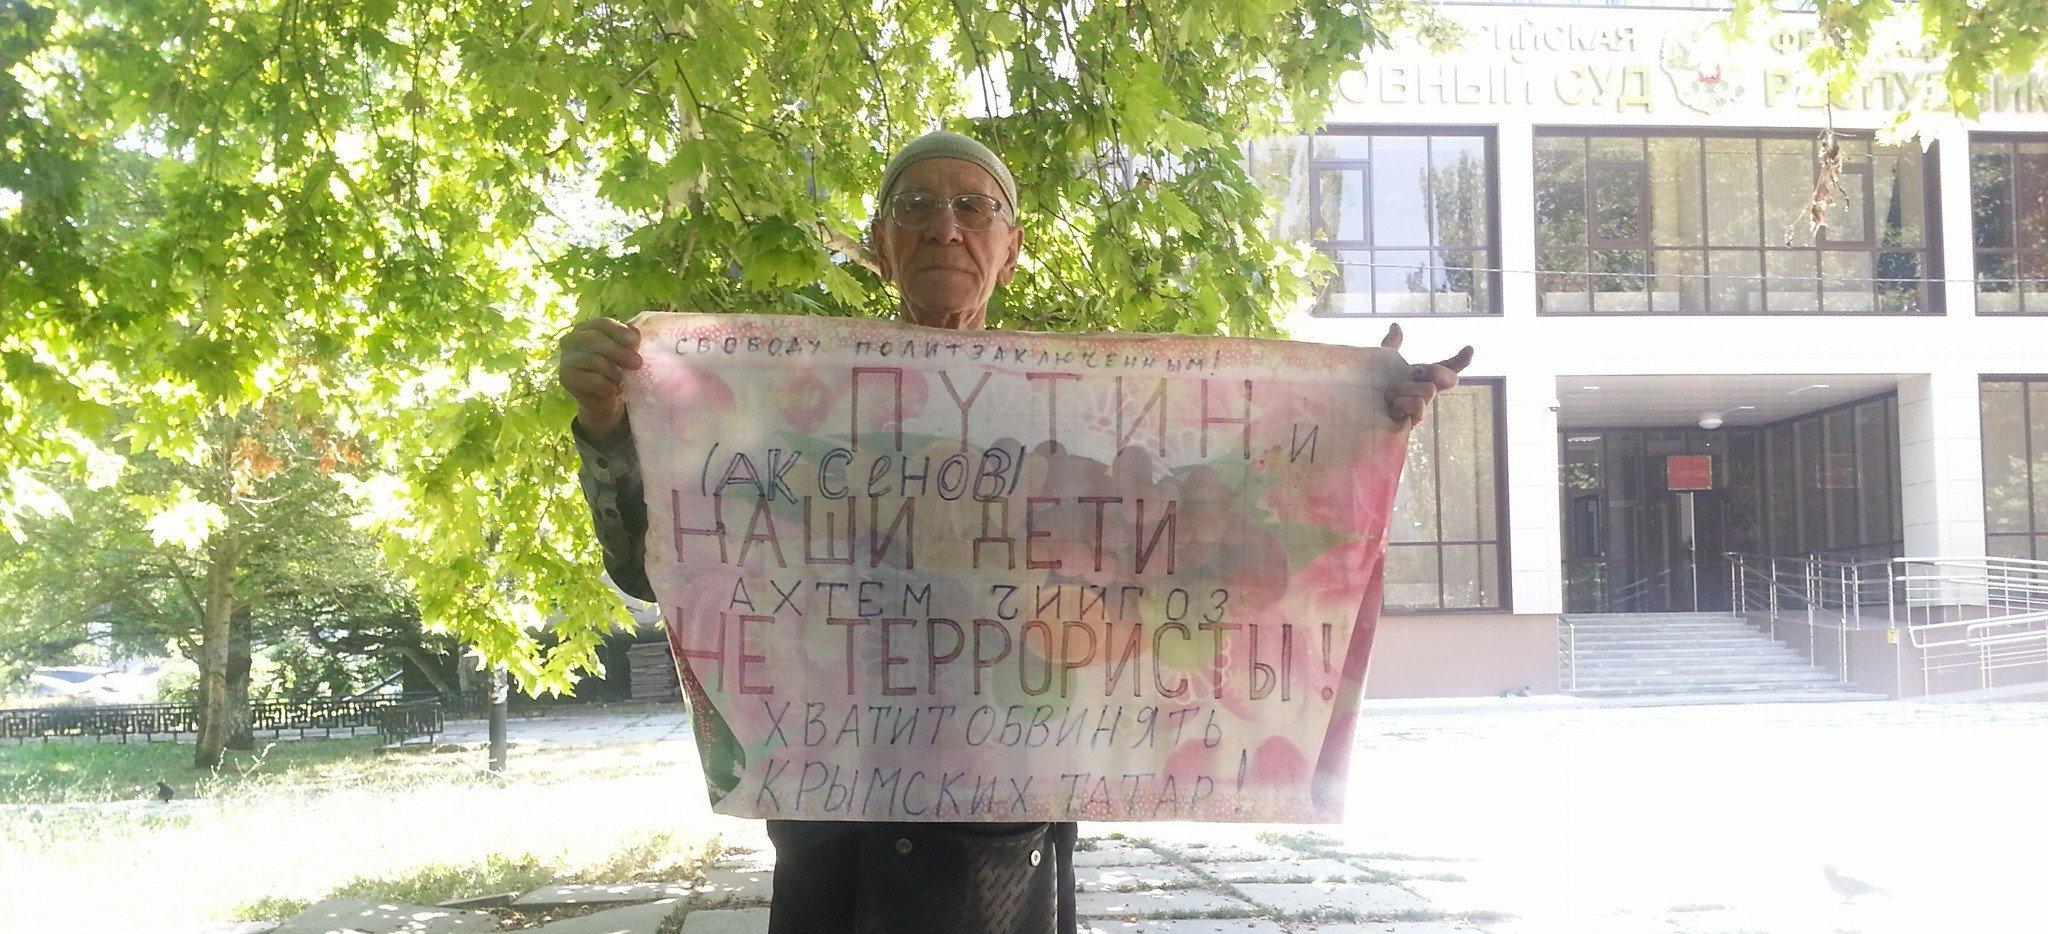 Пир людоедов: за одиночный пикет оккупанты поиздевались над тяжелобольным 76-летним крымским татарином